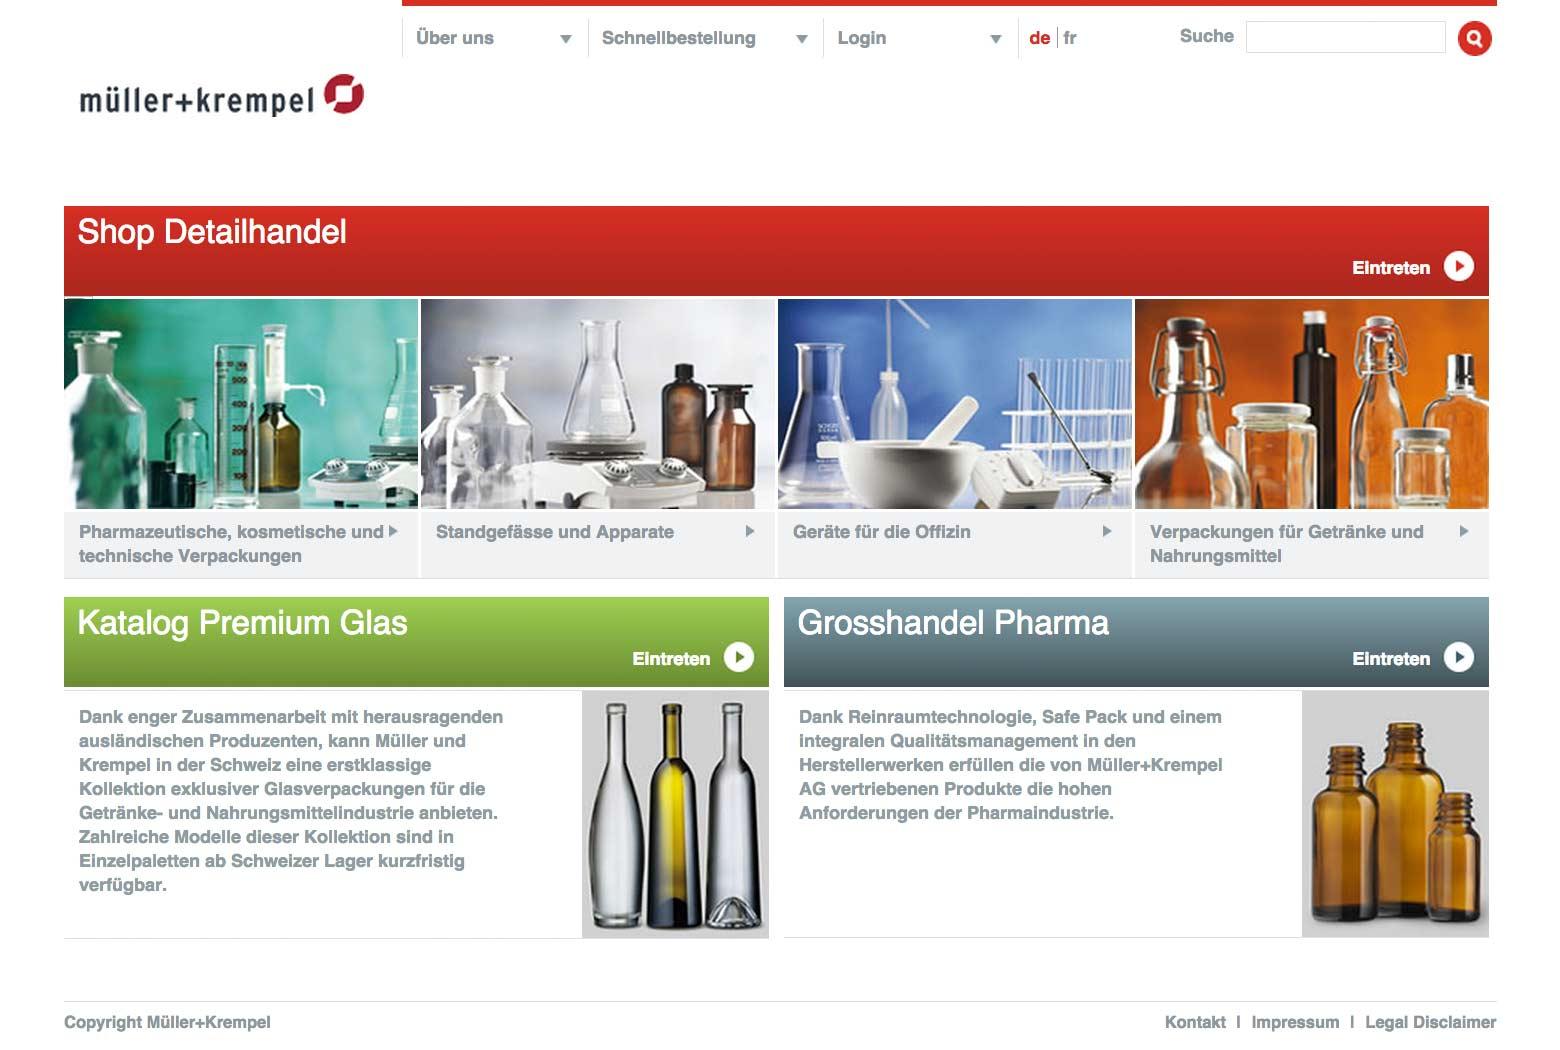 Startseite Müller + Krempel slide 0